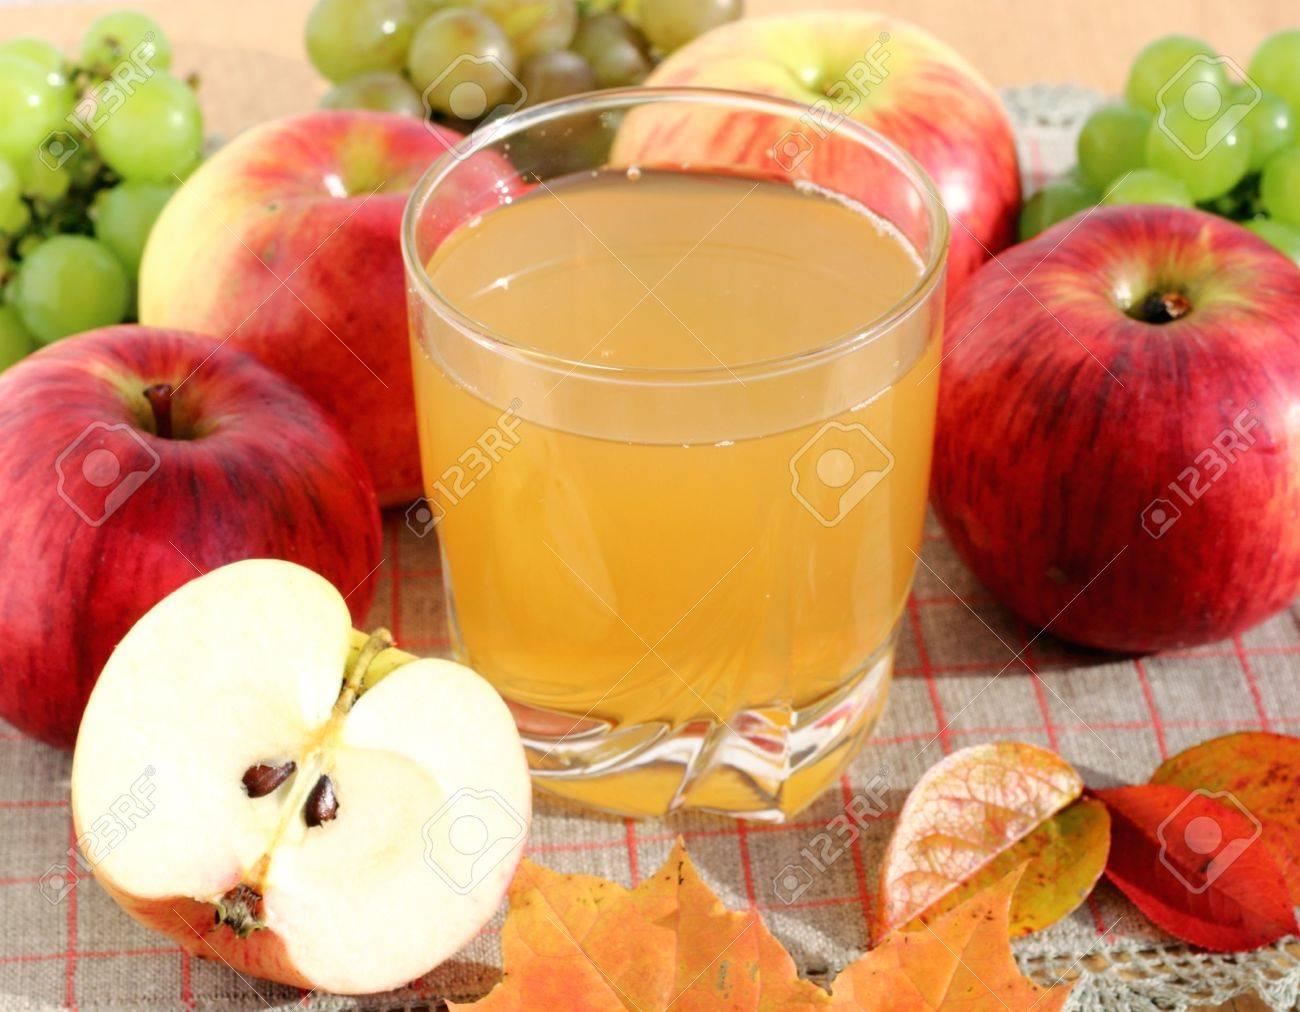 Imagini pentru natural apple juice